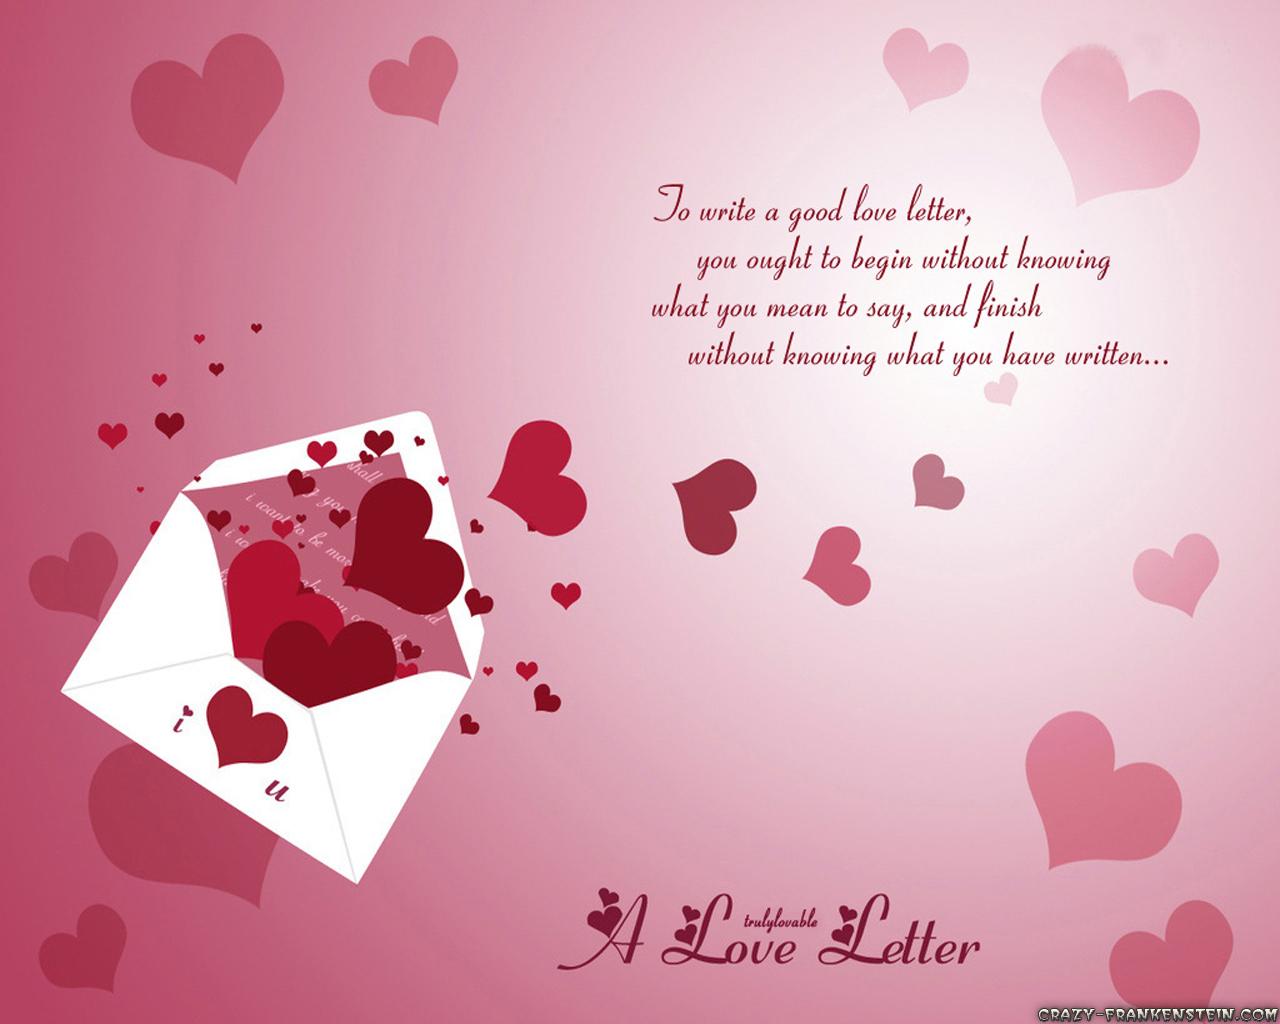 http://2.bp.blogspot.com/-IlcYqN2D80k/T9Xw1cYRYzI/AAAAAAAAAk8/xgWAlHCh0Vk/s1600/Love-song-lyrics-27831578-1280-1024.jpg